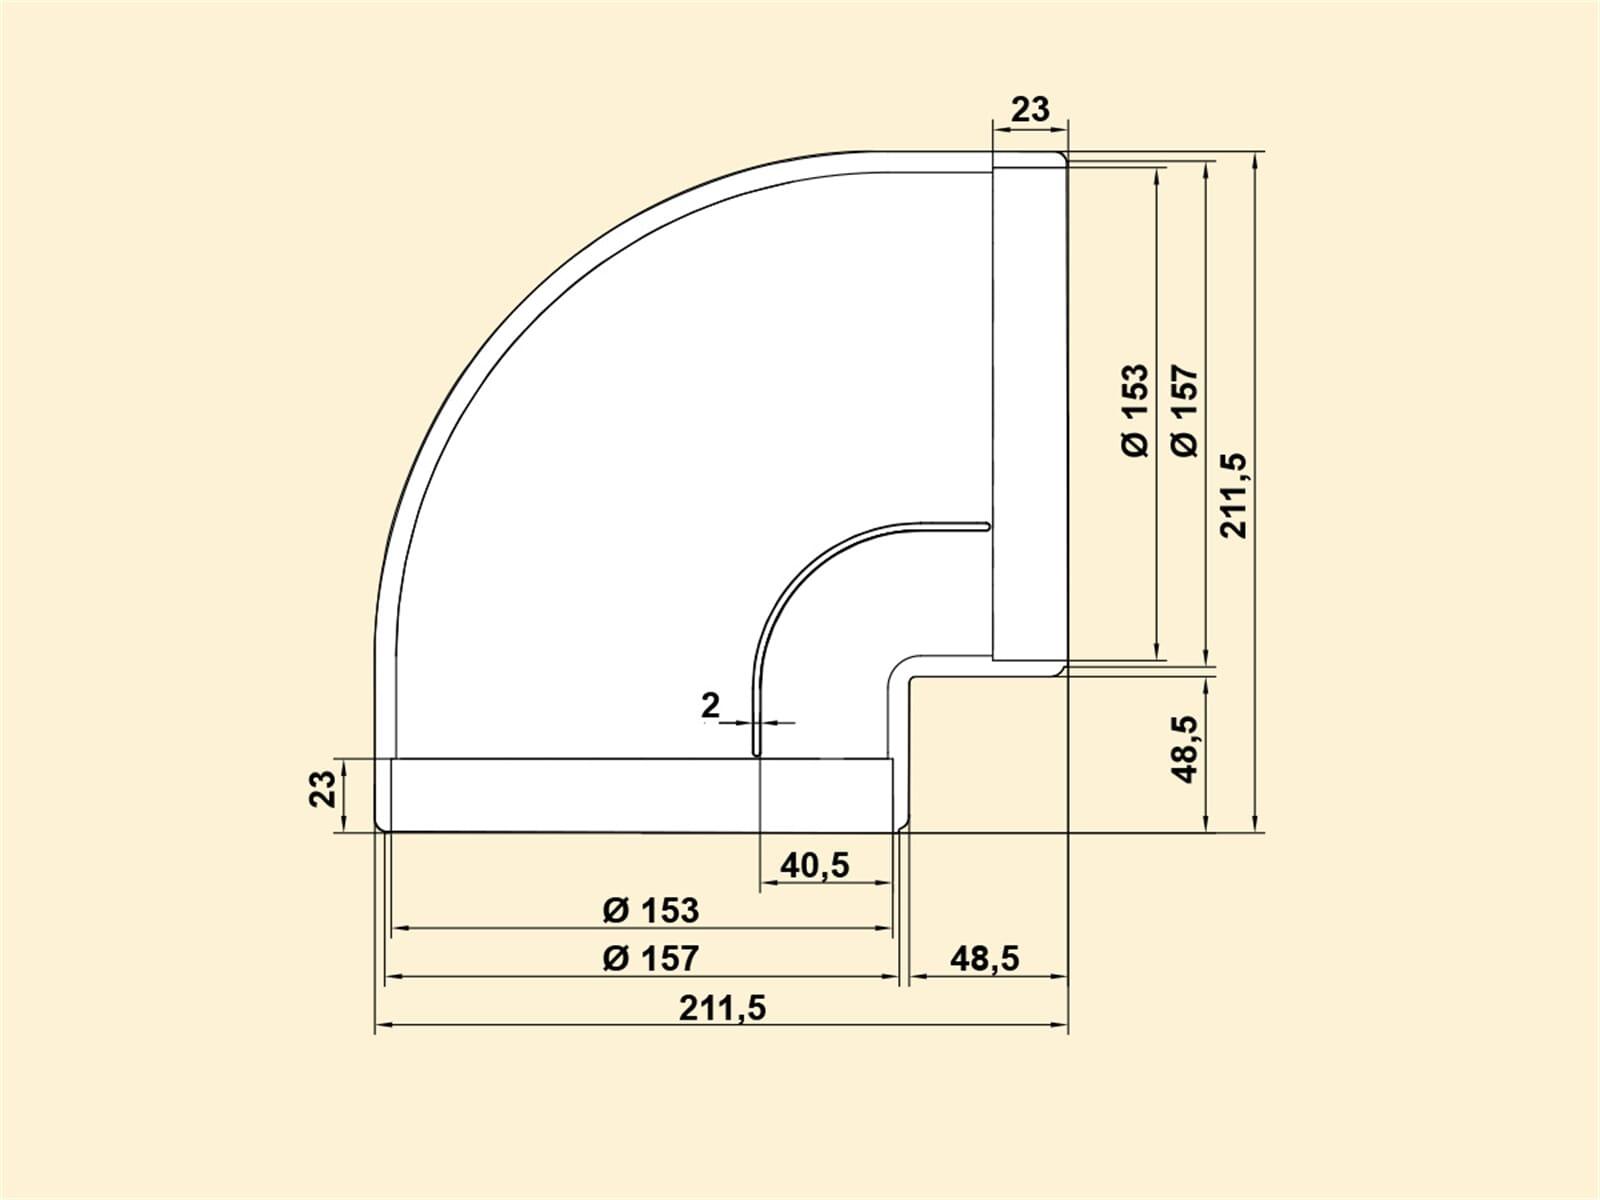 Compair 405.2.015 R-RBV Flow Rohrbogen 90°